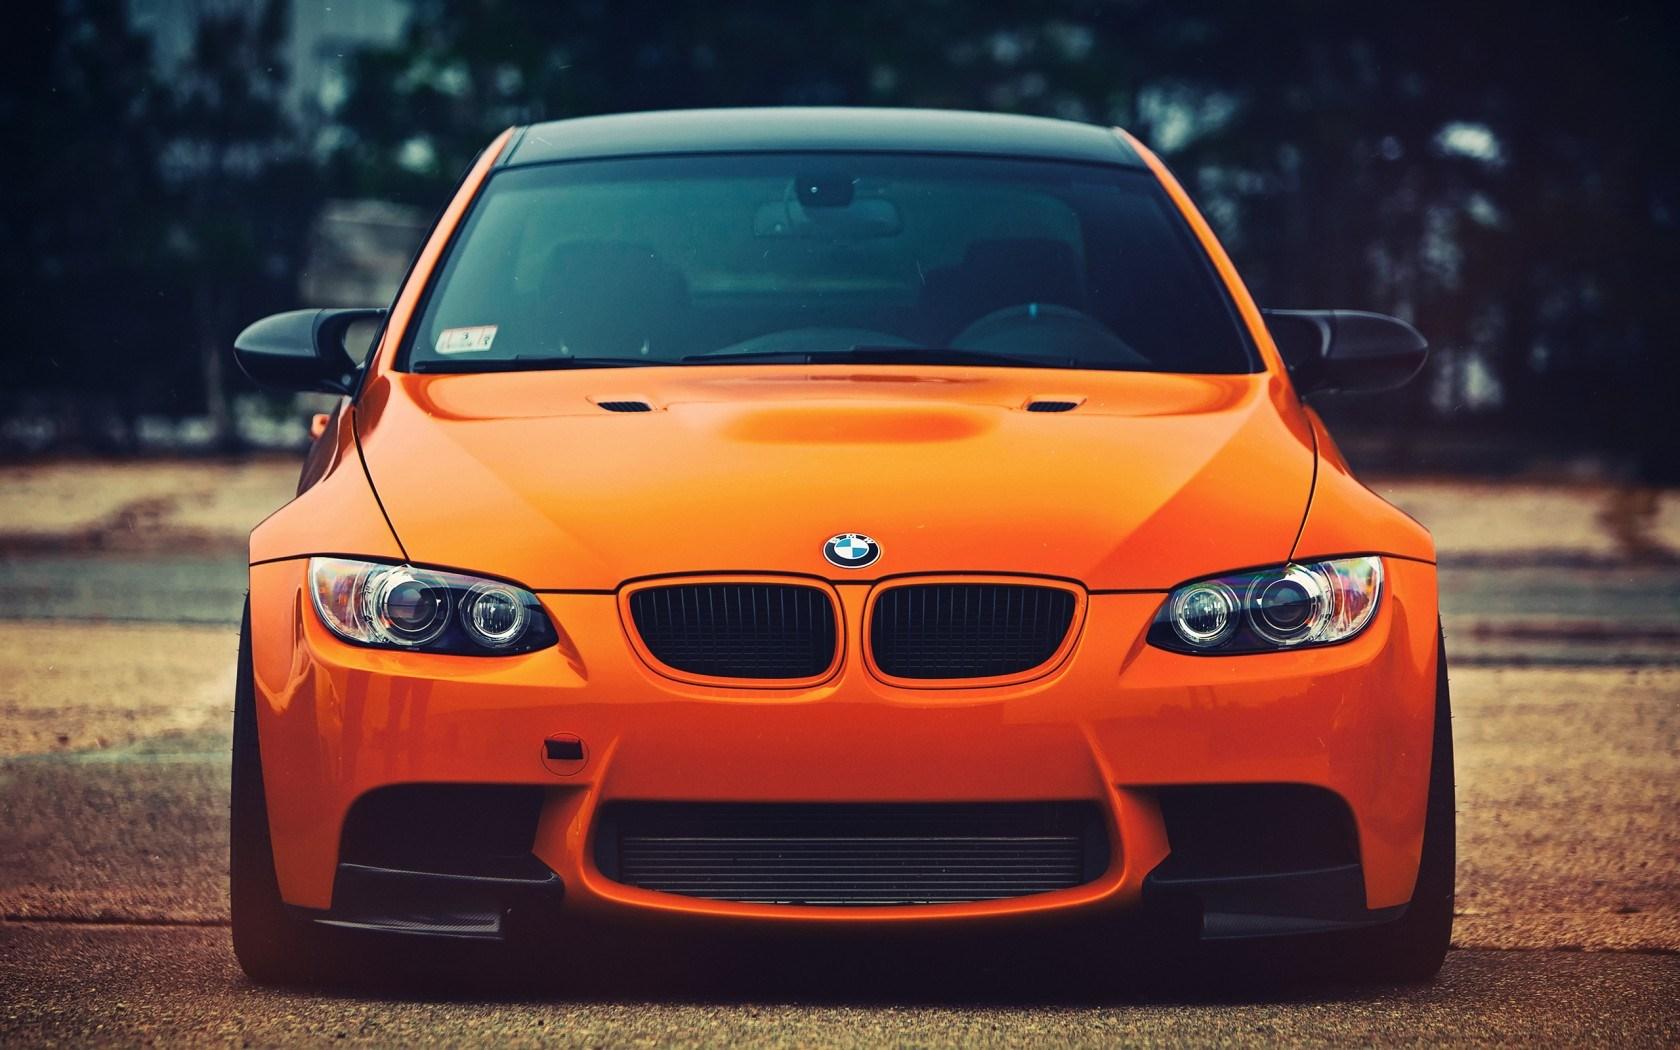 BMW M3 Orange Car